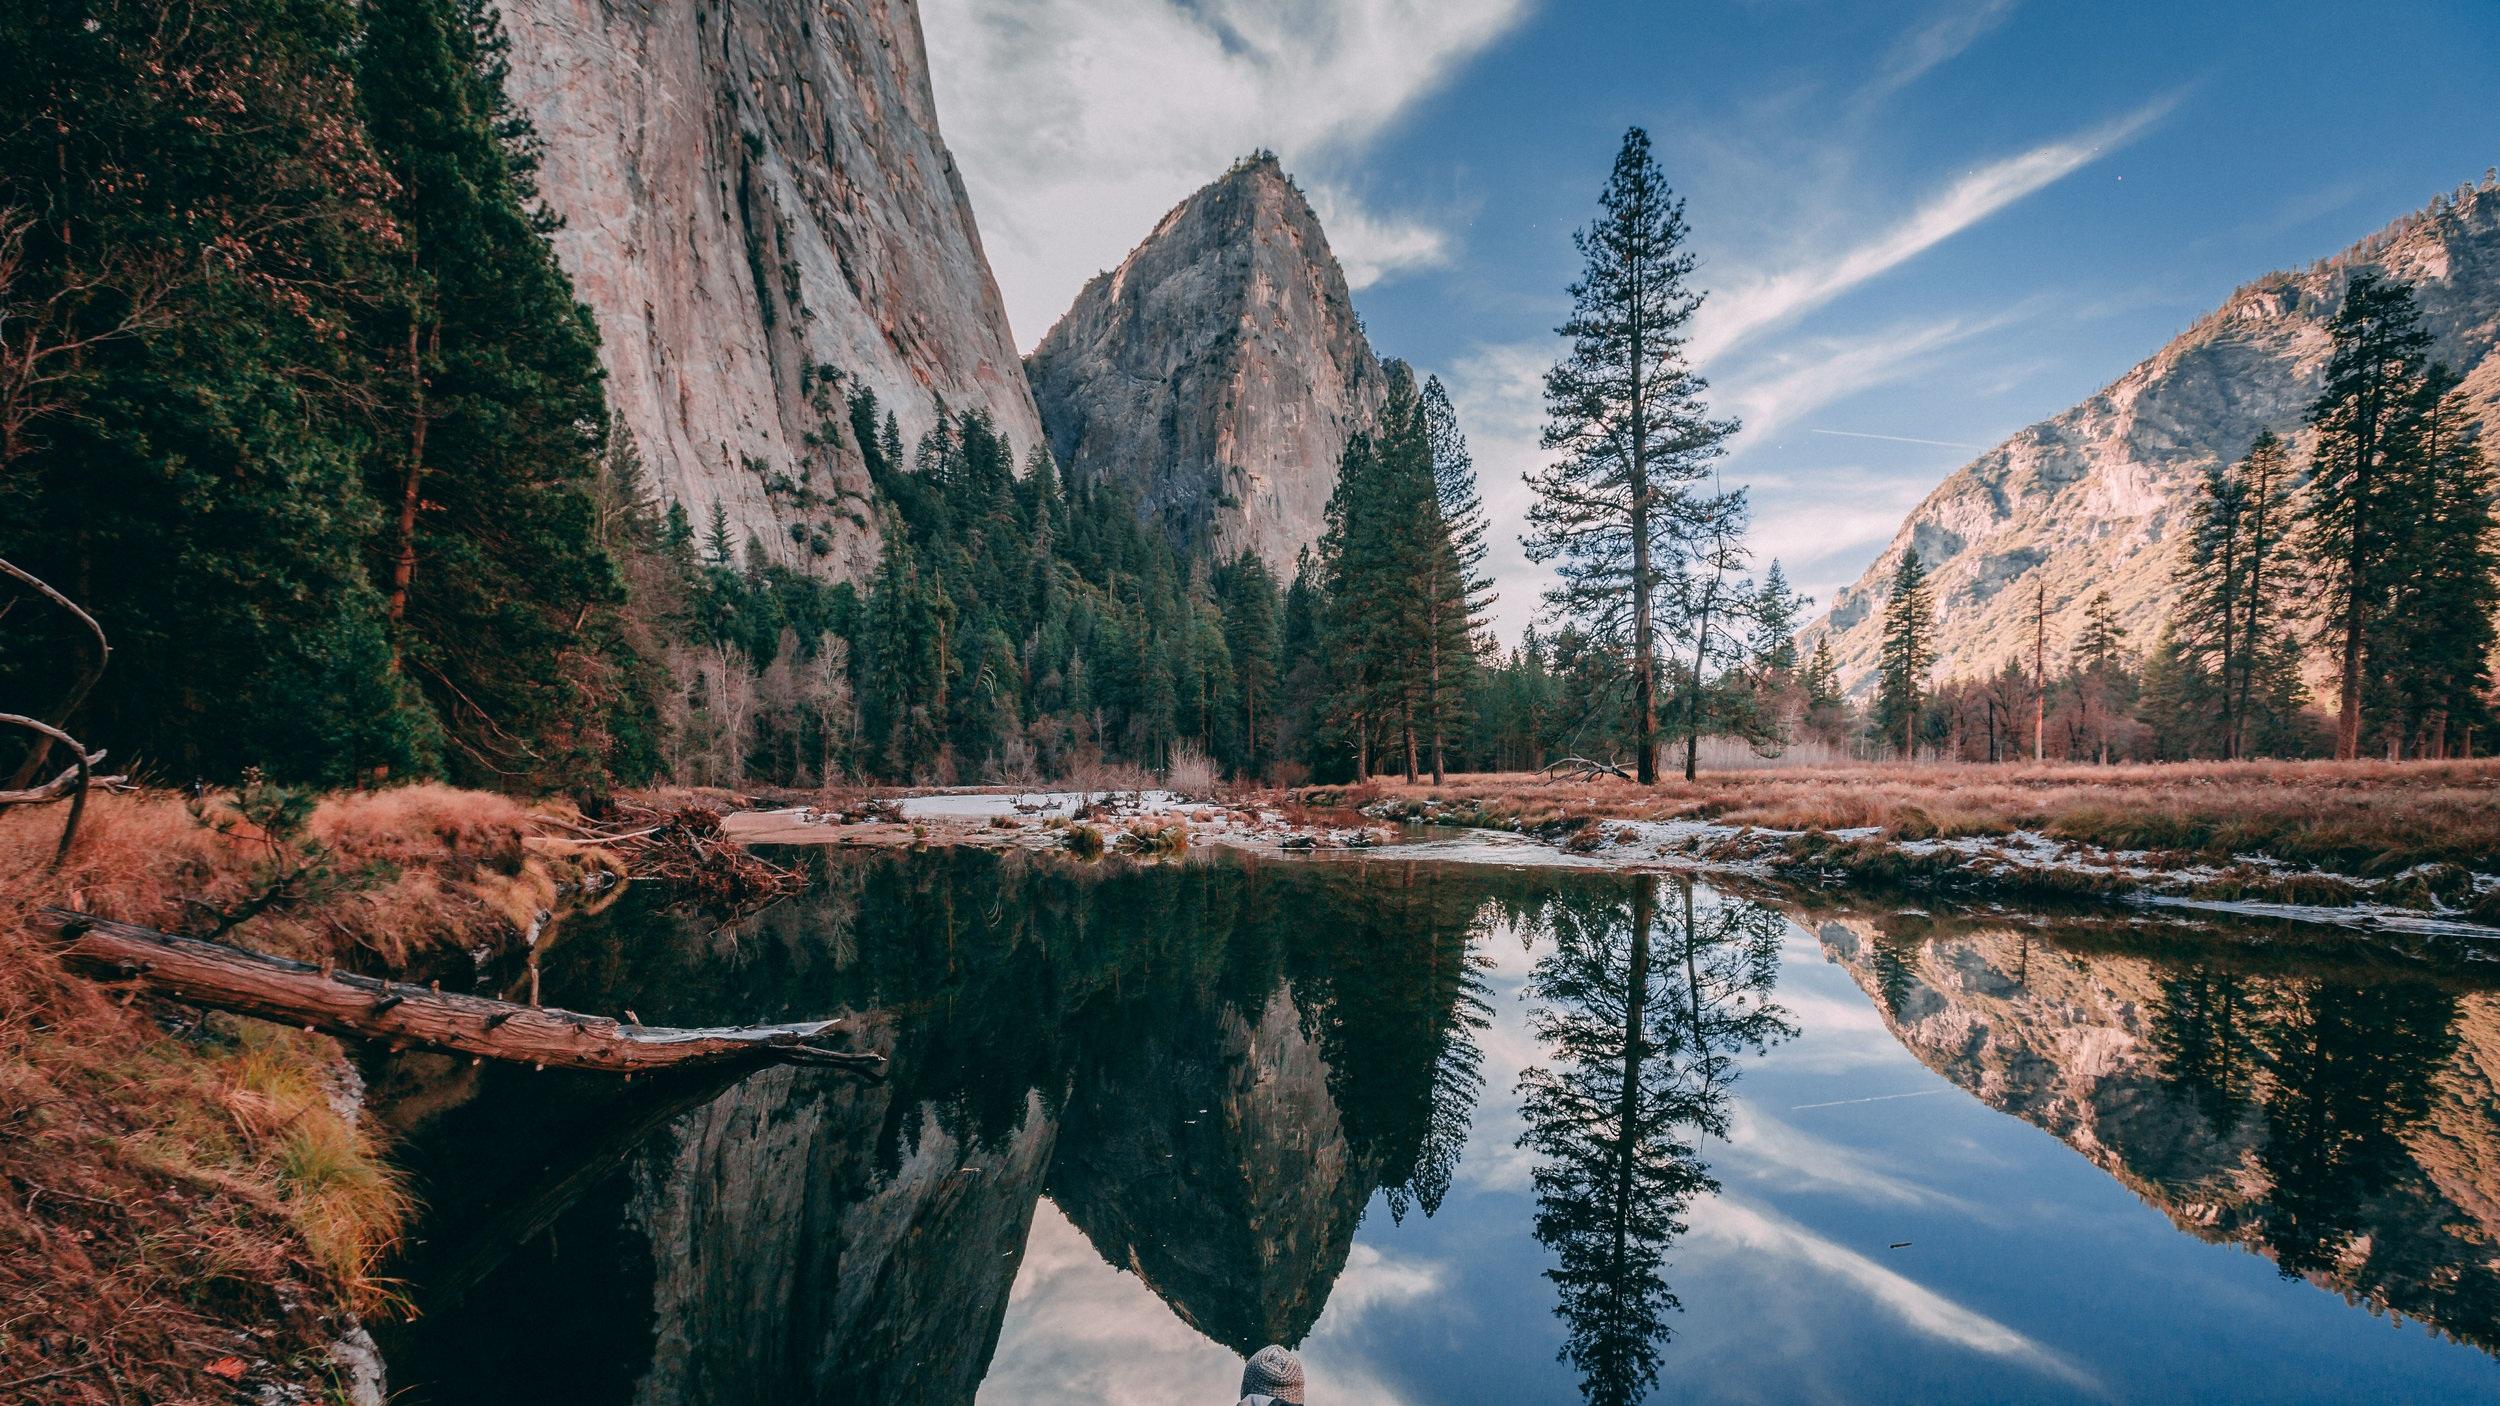 Nationalparken Yosemite - Upplev en av USA:s mest berömda nationalparker - Yosemite. Den här utflykten pågår under drygt 13 timmar och innehåller guidad resa, tre timmars fri tid i parken, en timmes guidad tur inuti Yosemite Valley och en mycket vacker resa vid bergskedjan Sierra Nevada.